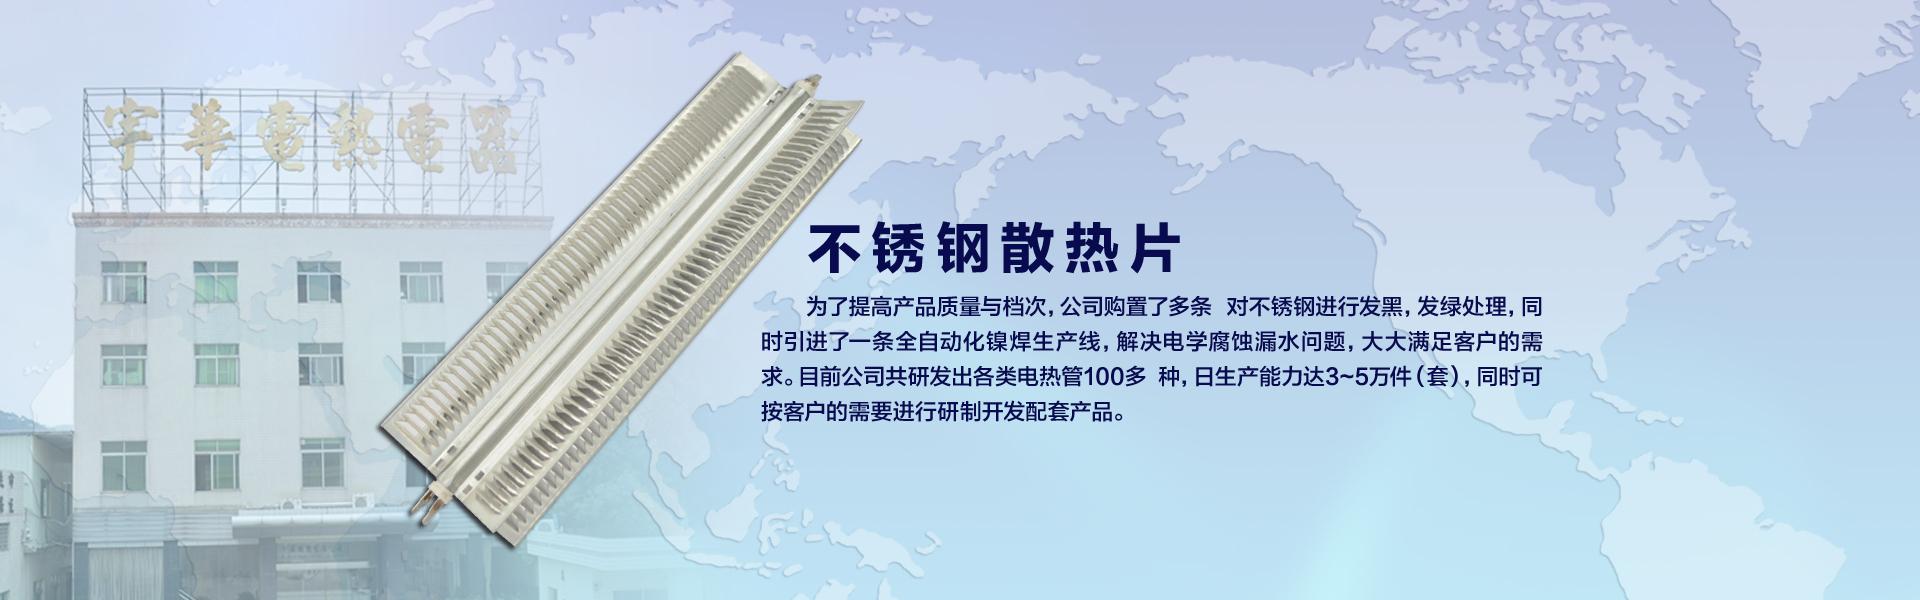 肇慶市宇華電器有限公司專業生產即熱電熱水器,家用電熱水器,單頭電熱管,不銹鋼電熱管和不銹鋼電加熱管。